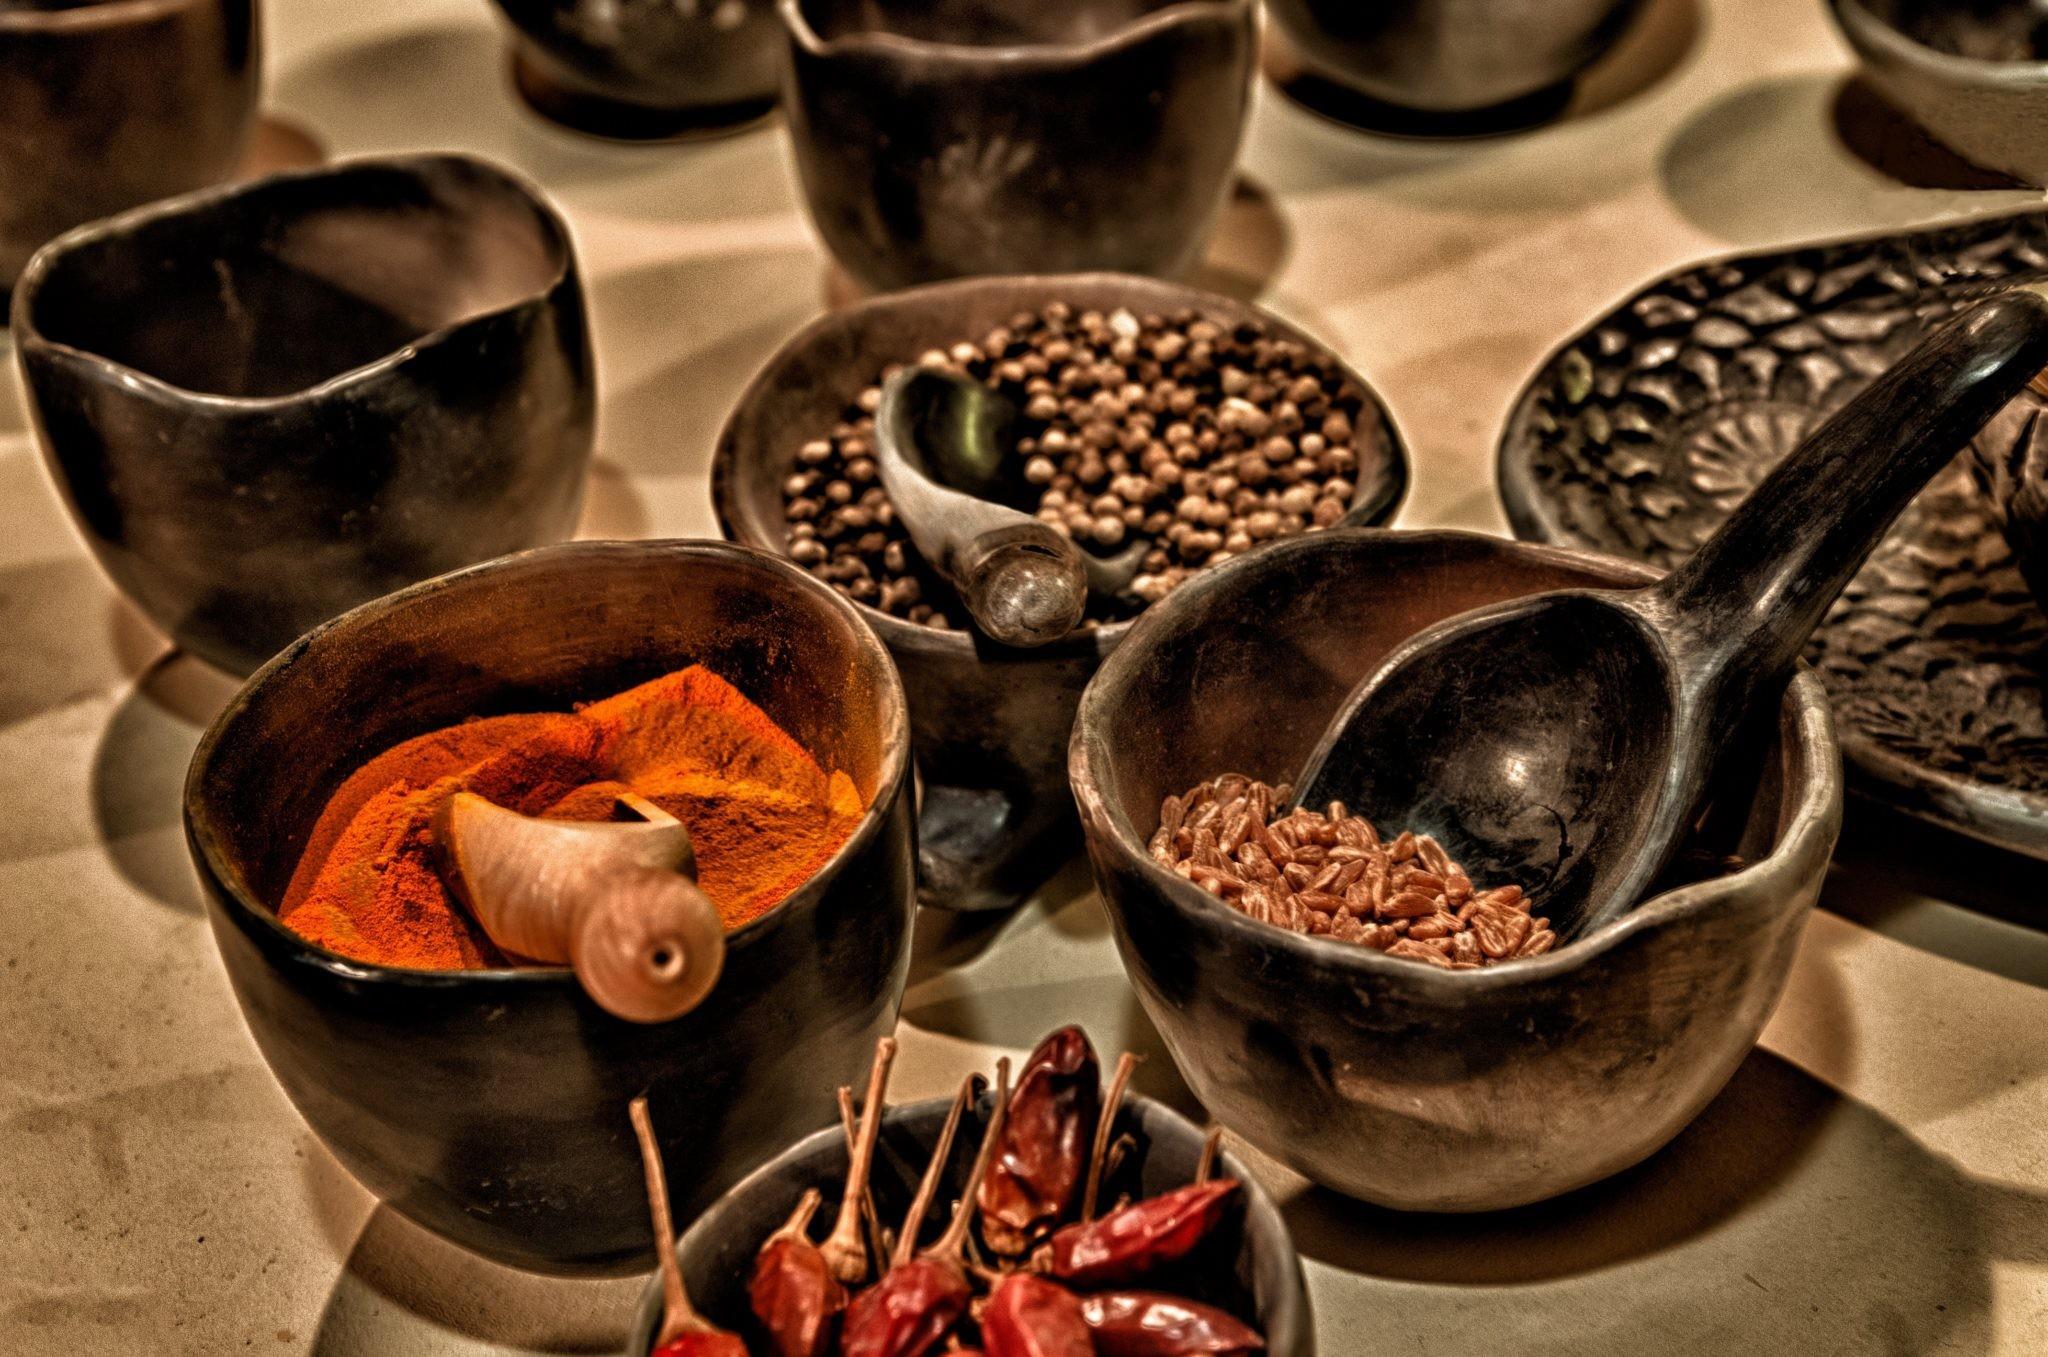 8 специй, которые нужно добавлять в еду, чтобы сбросить до 10 кг